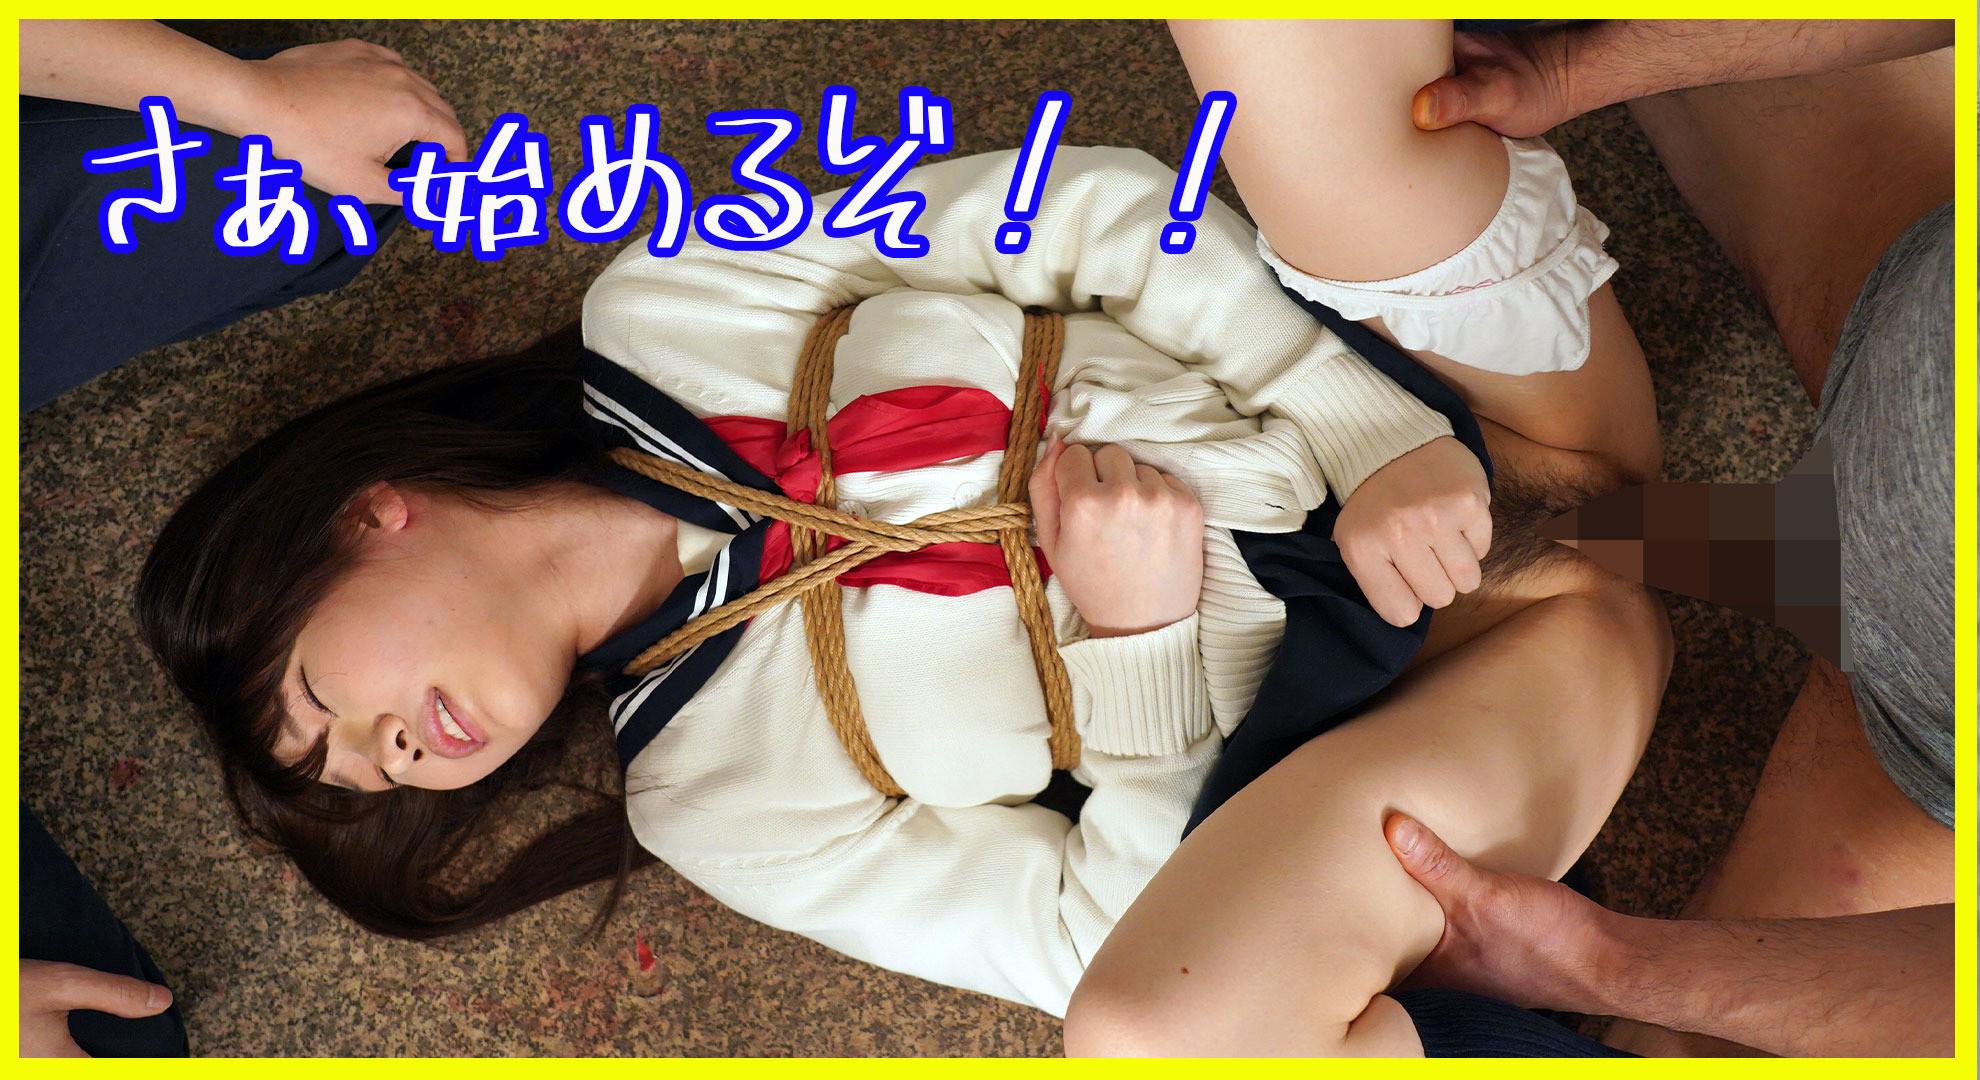 無垢な制服女子を緊縛し凌辱SEXでイカせろ!#真子#18歳 画像2